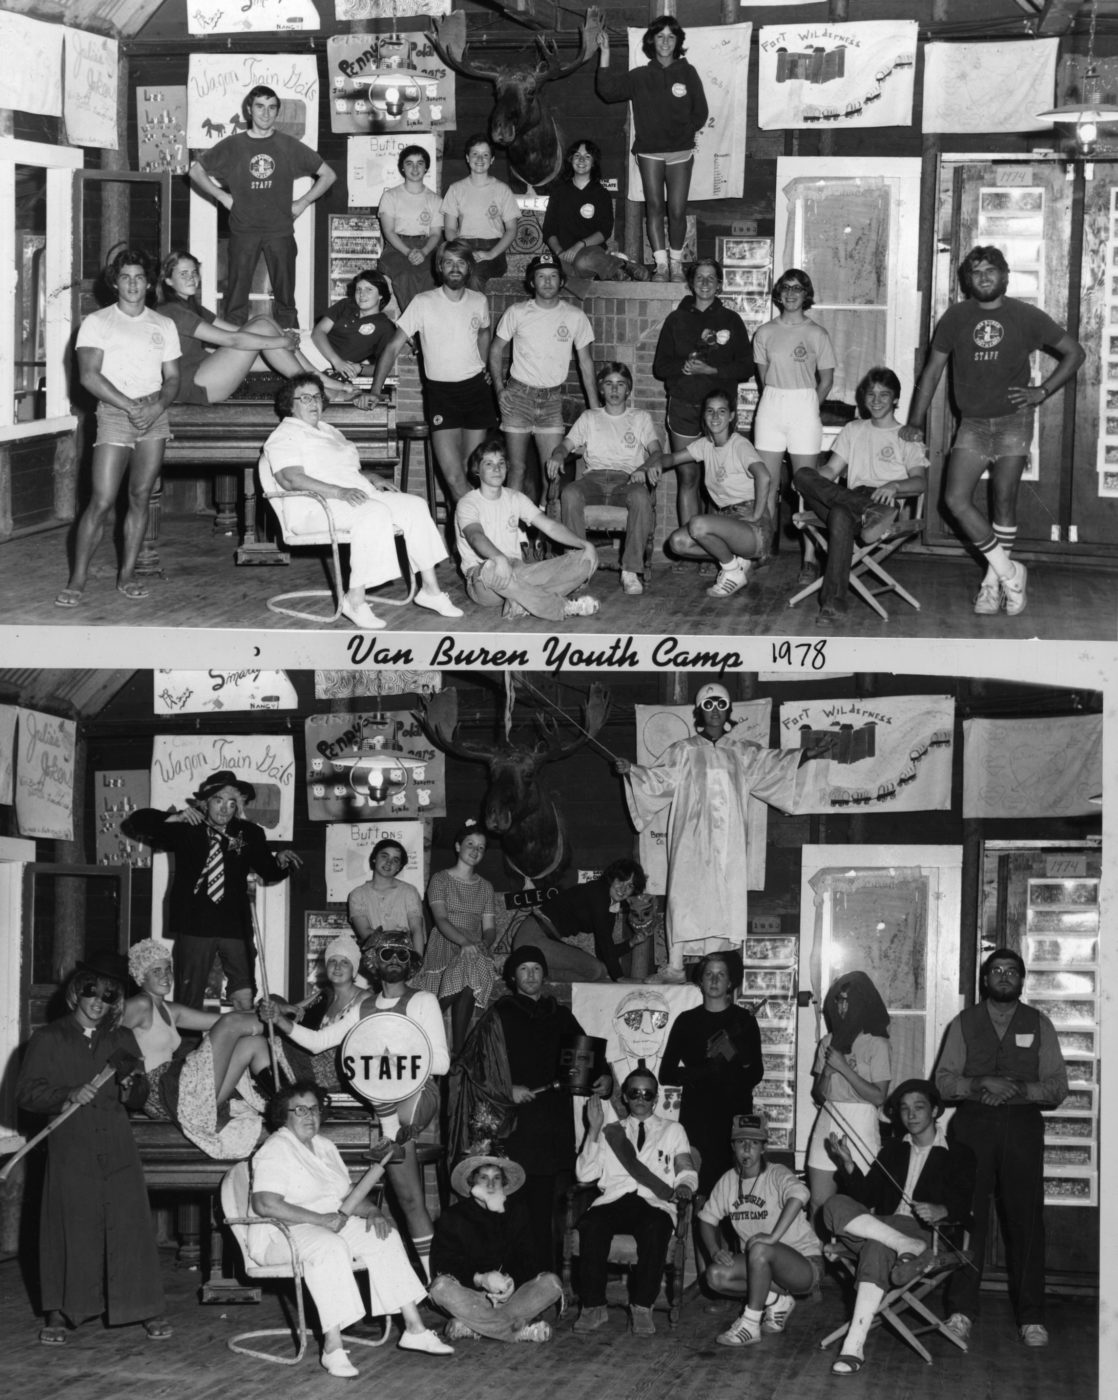 Staff 1978